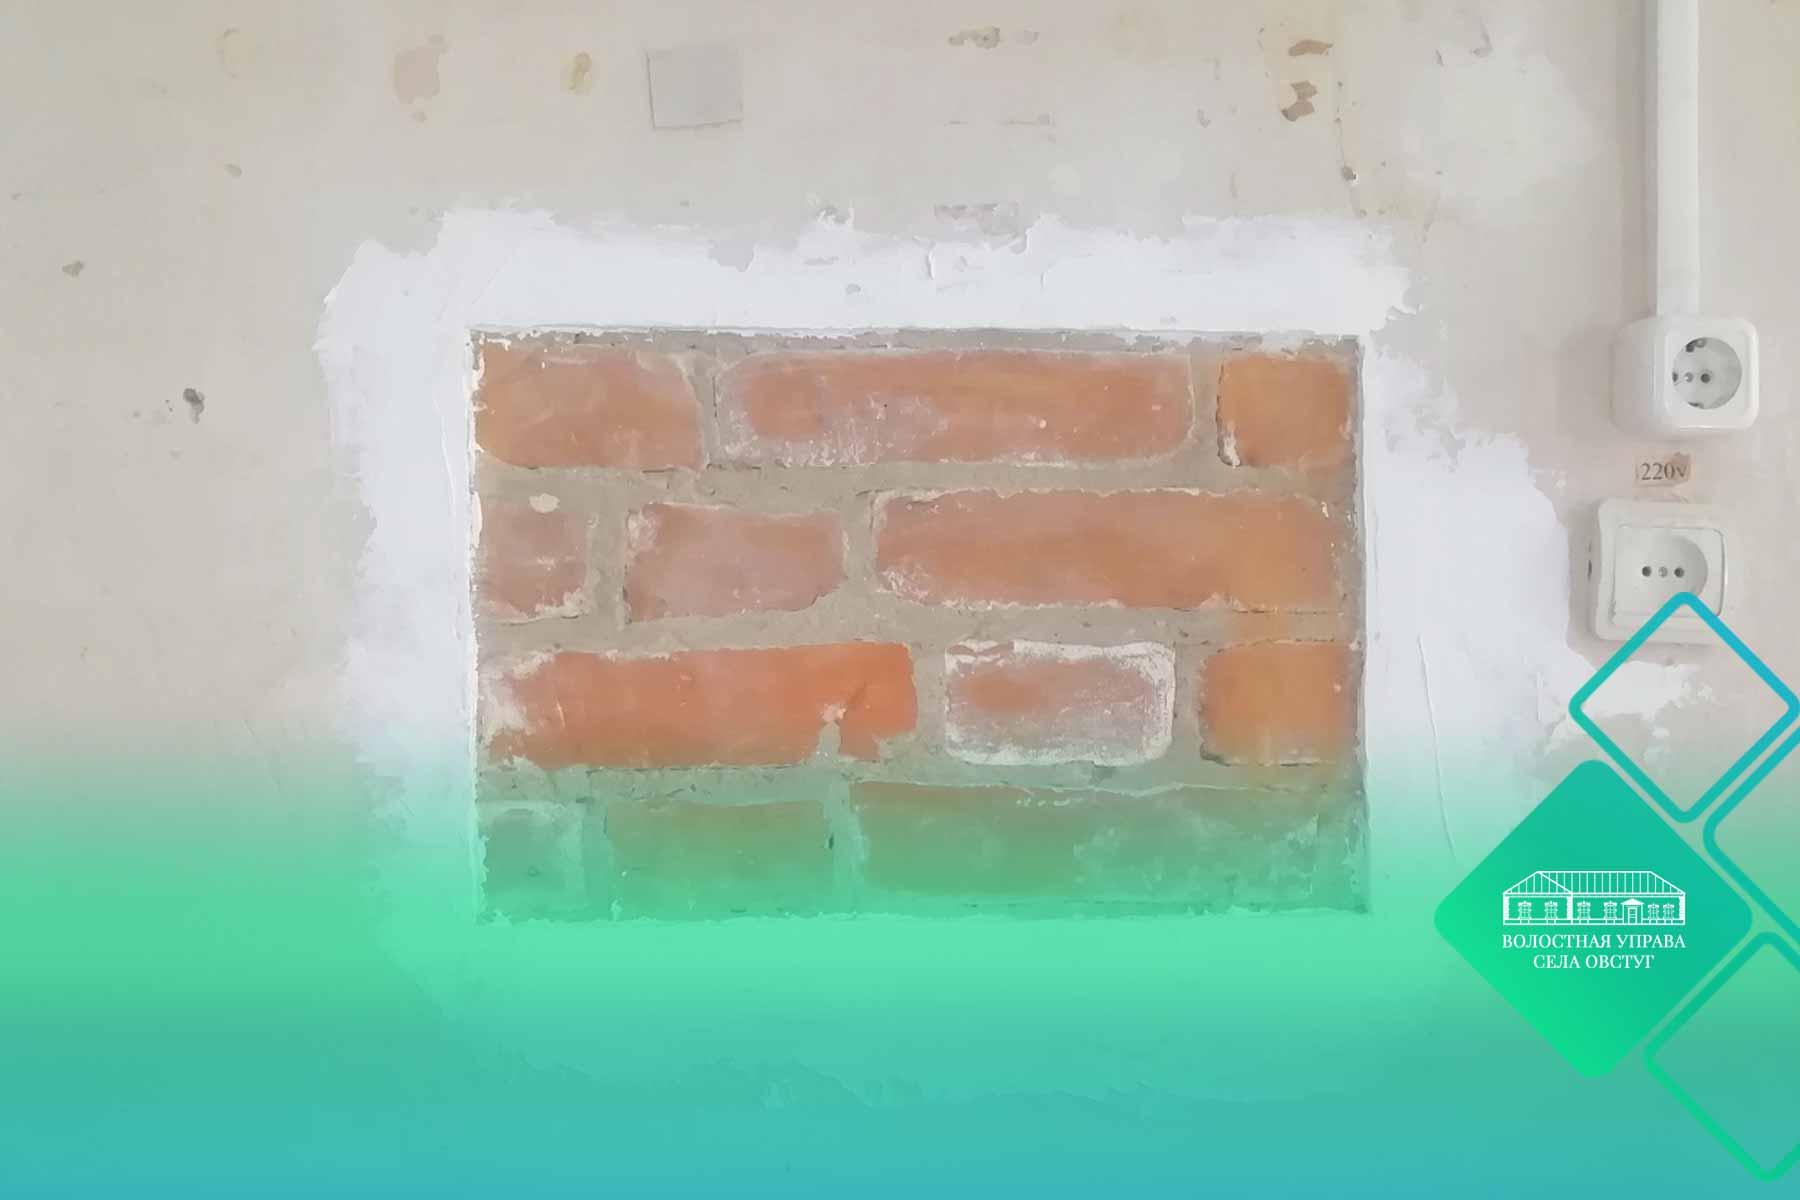 В волостной управе села Овстуг производится оформление кирпичной кладки